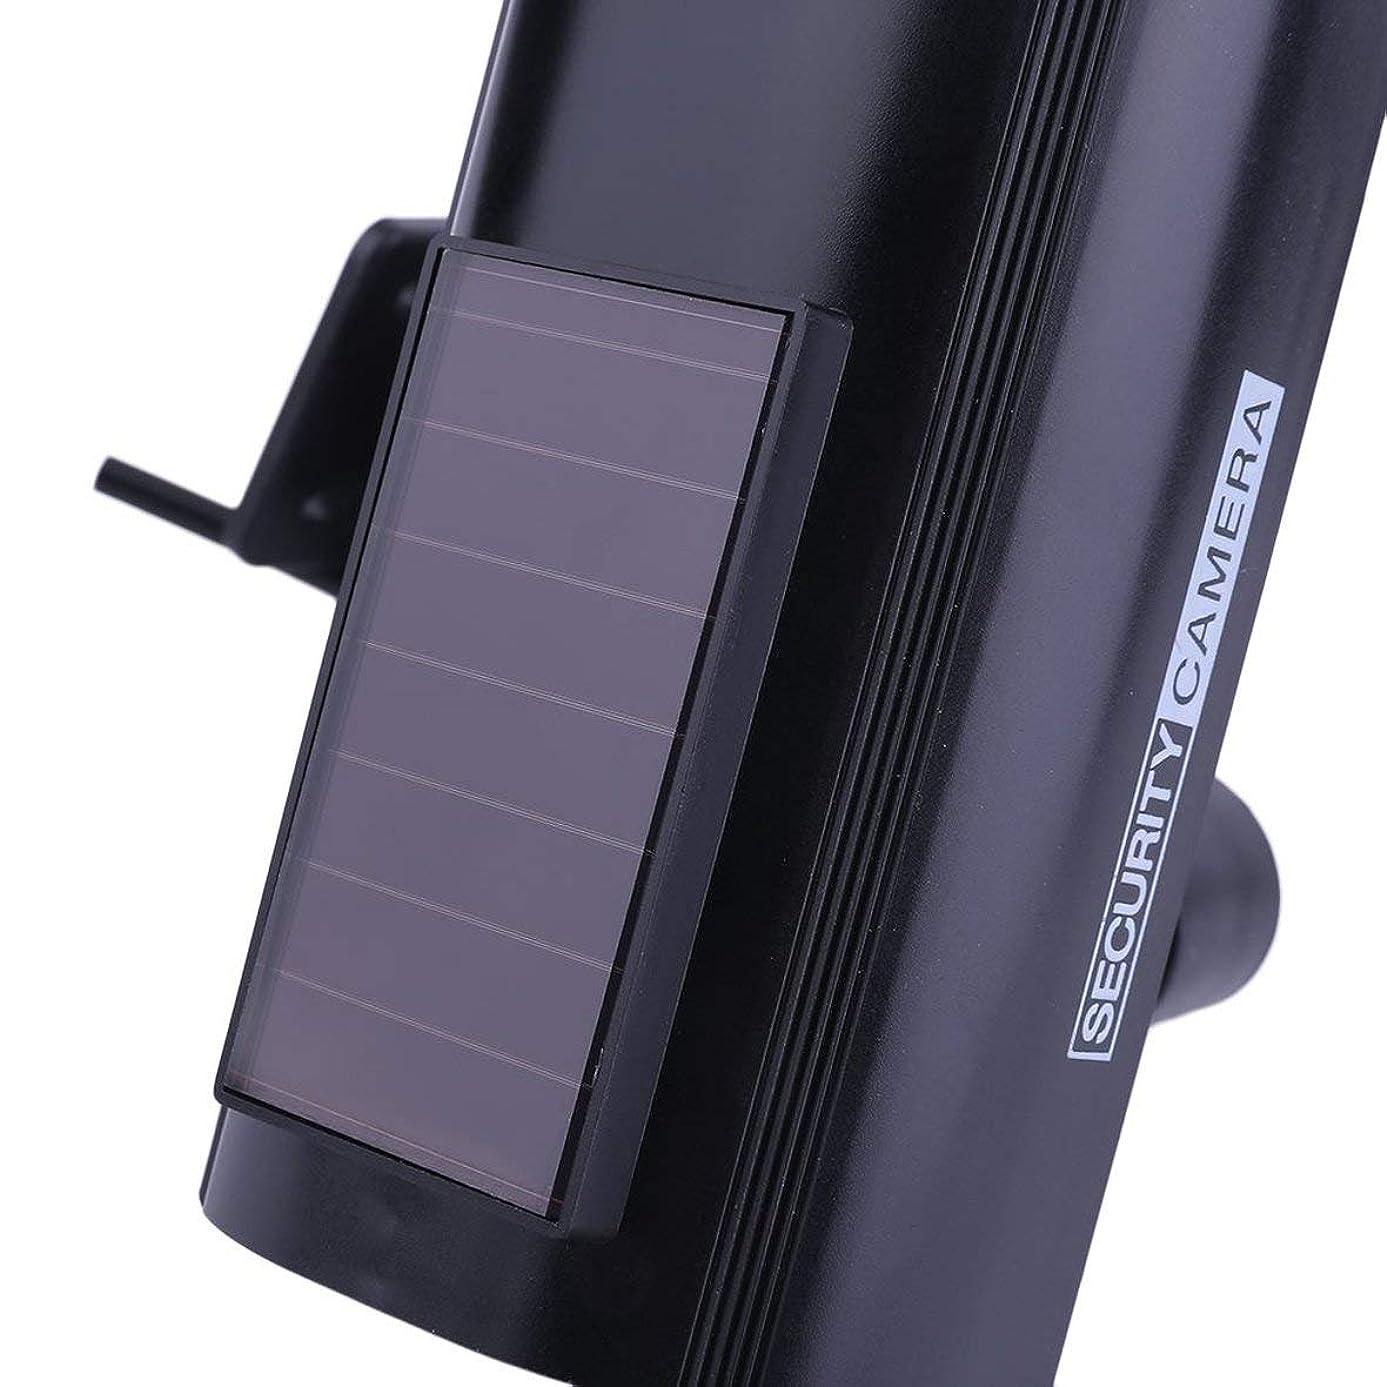 超えるプレゼン意図Blackfell 防犯カメラ屋内屋外ソーラーパワーダミー偽模造家CCTV監視カメラ付きLEDライトインジケータ